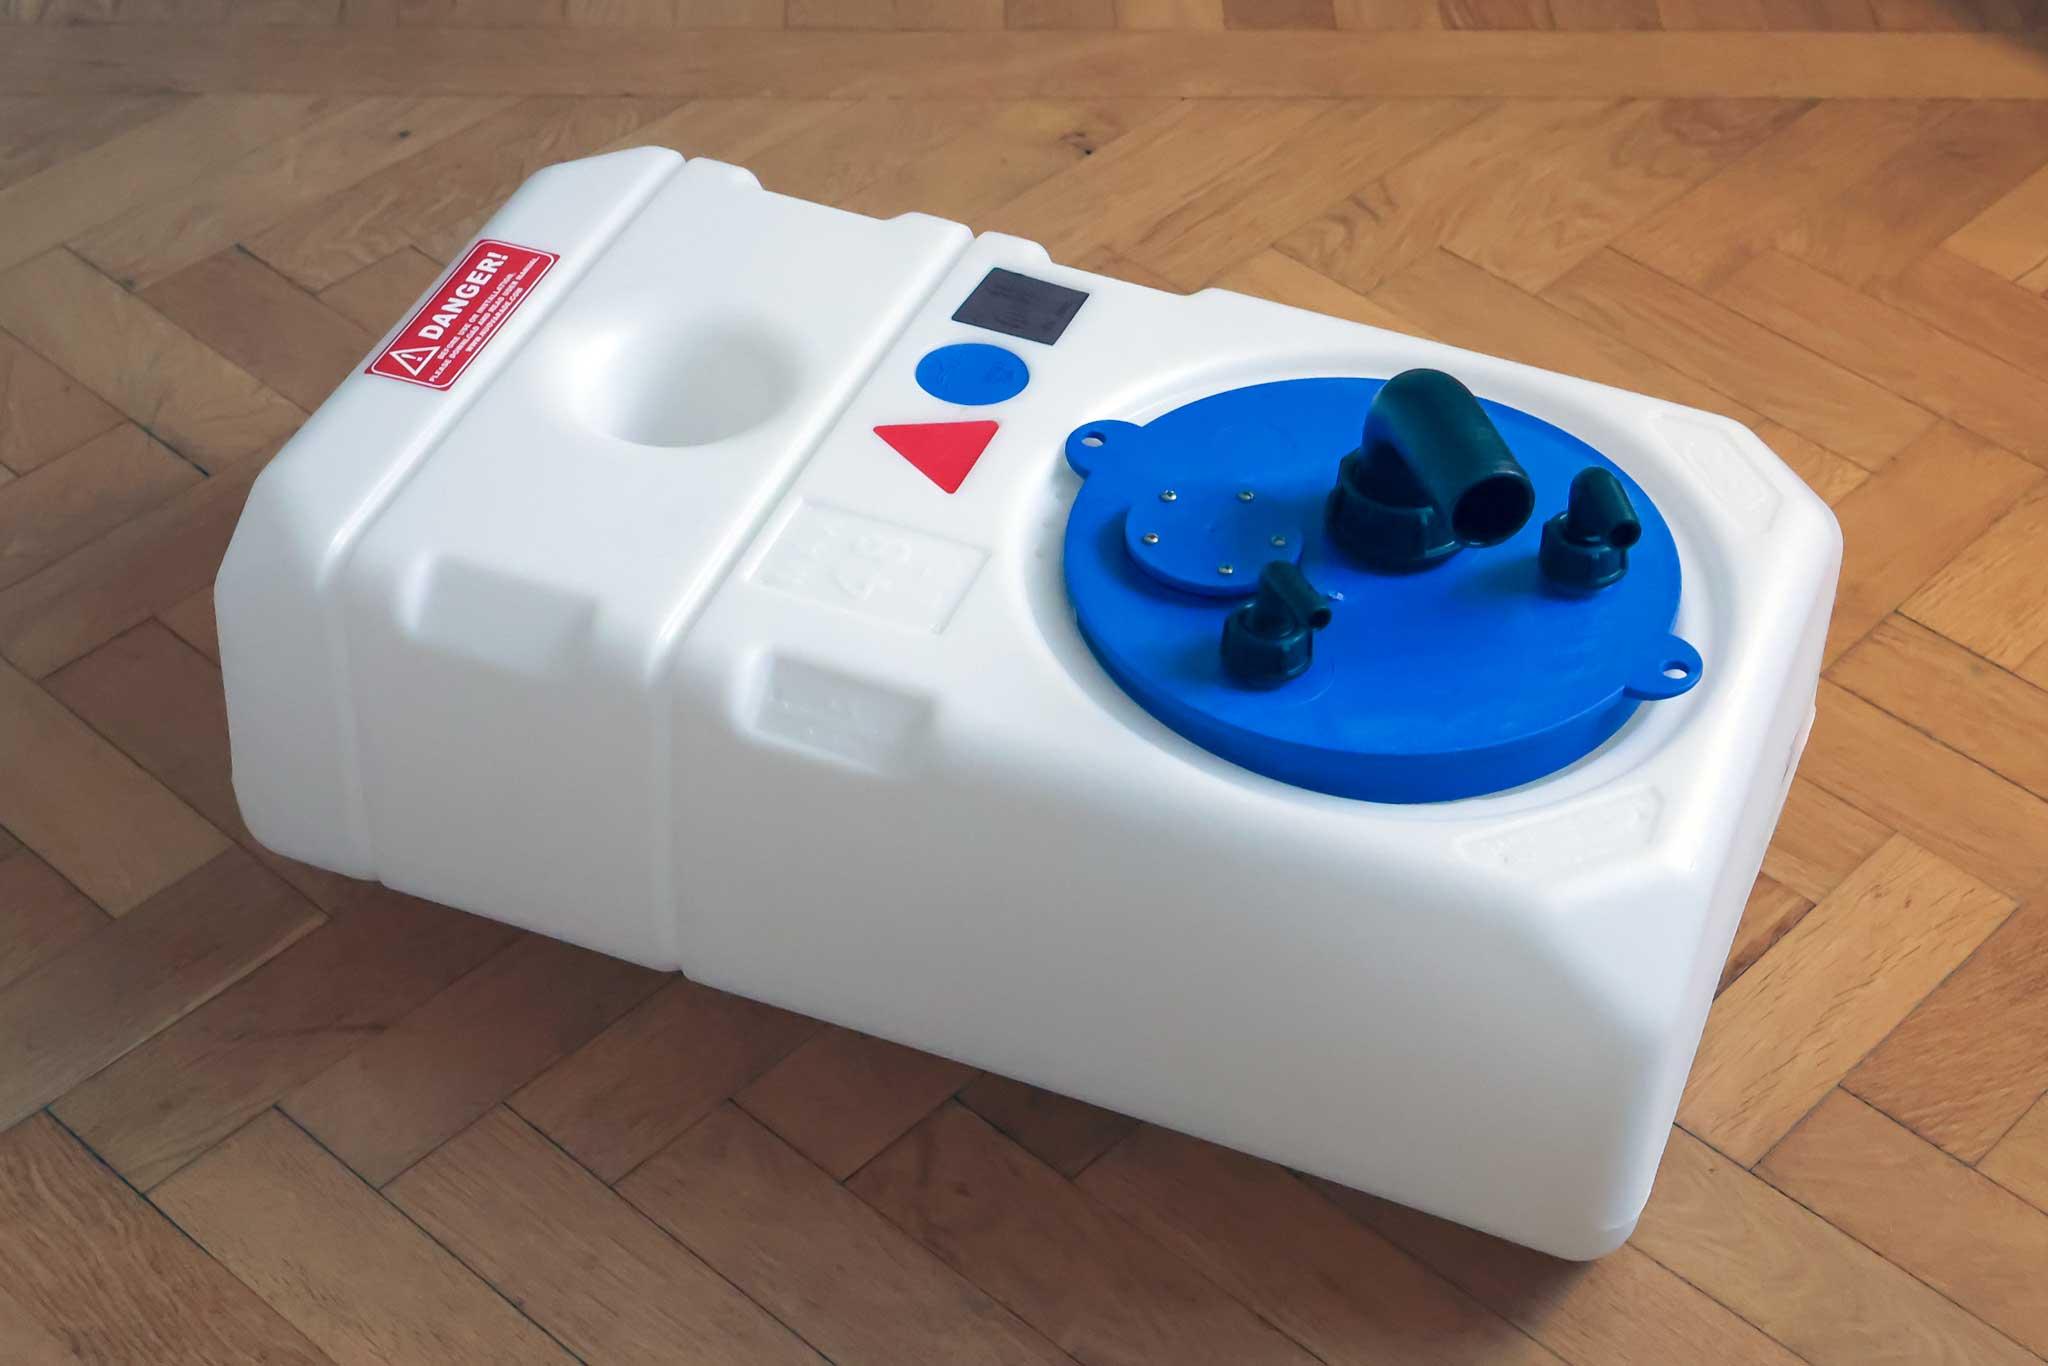 Vattenmätare?